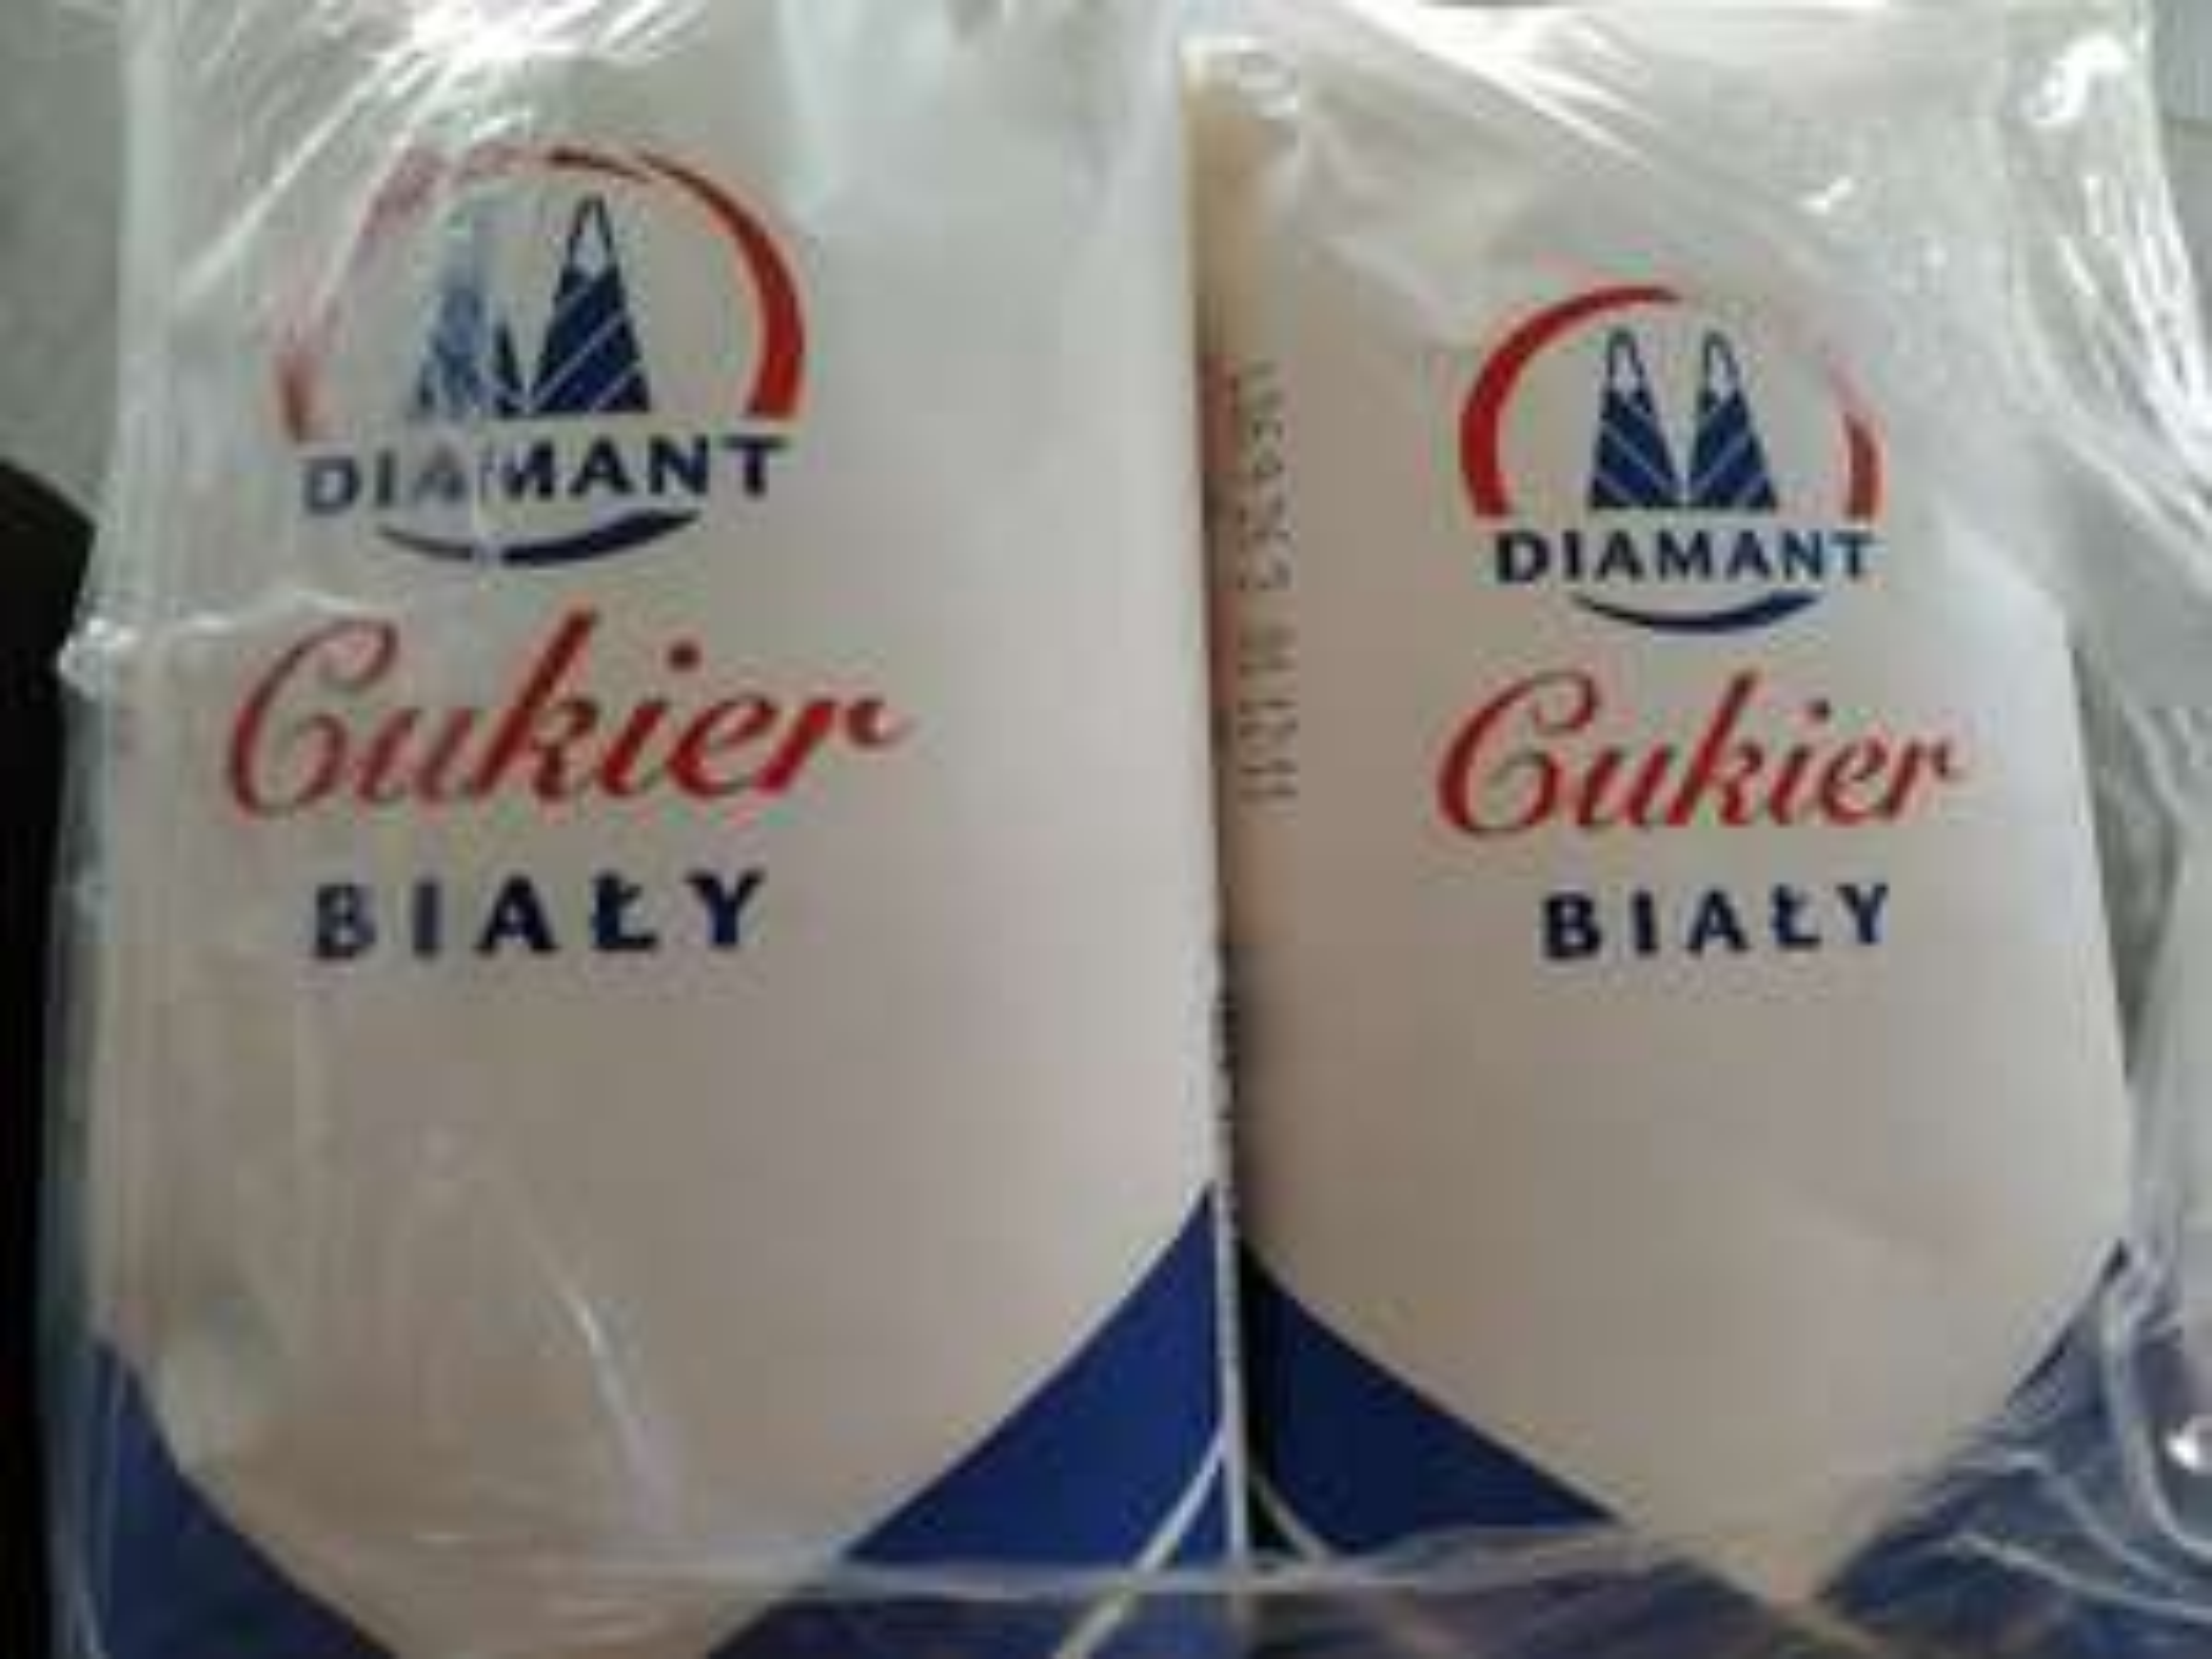 Cukier biały kryształ Diamant |Kaufland Białystok przy Bohaterów Monte Cassino 12